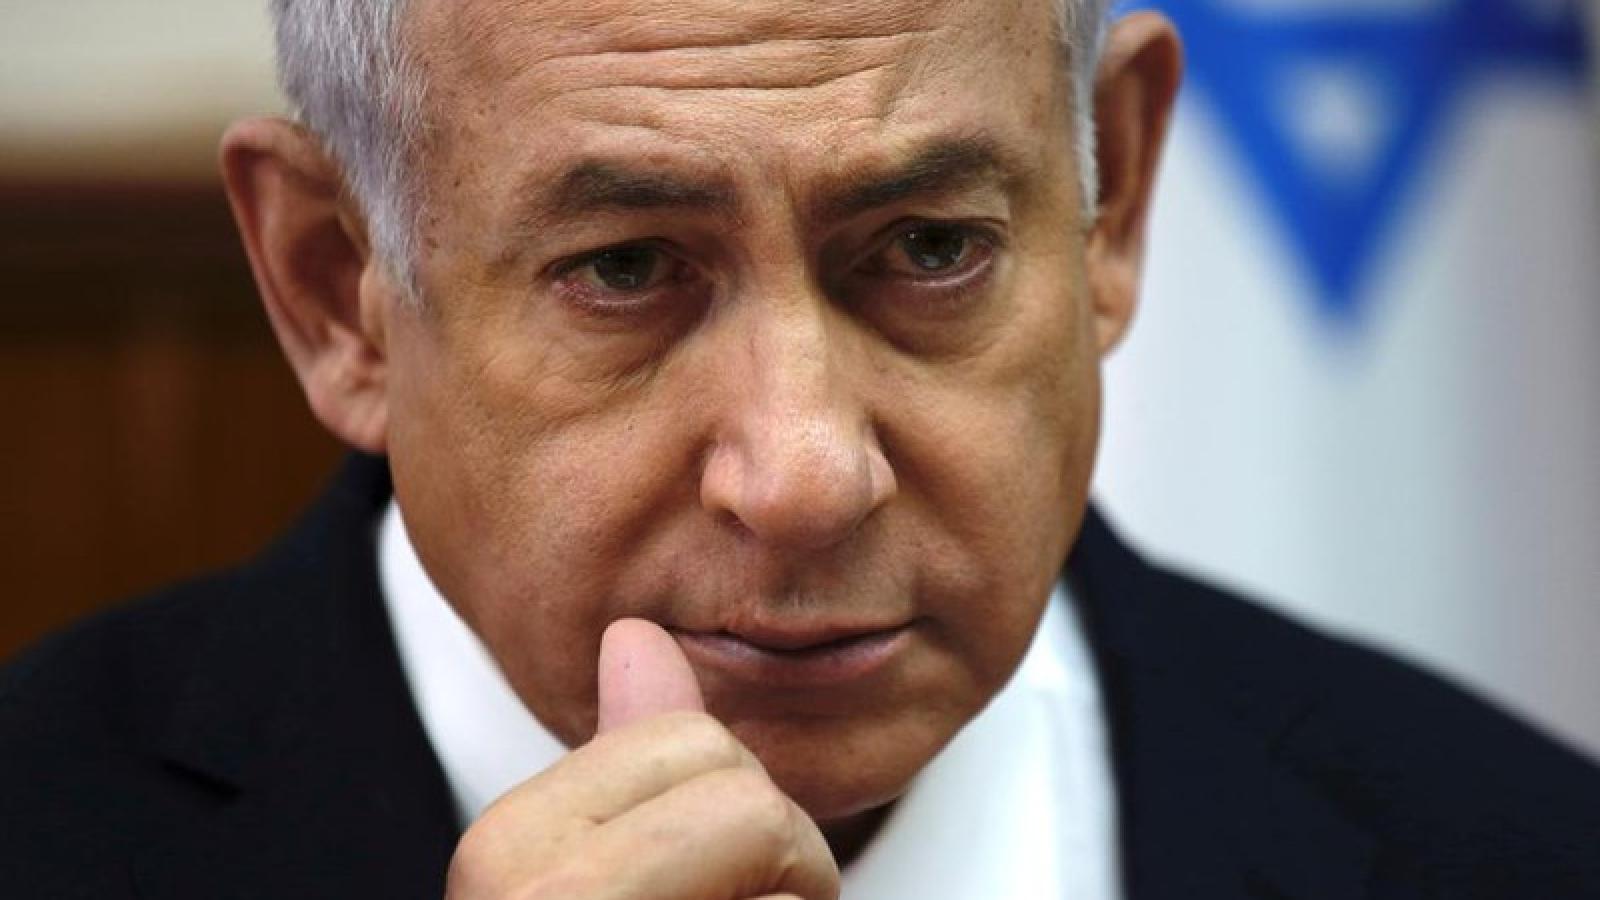 Lập chính phủ liên minh: Bế tắc chính trị Israel đã có lối thoát